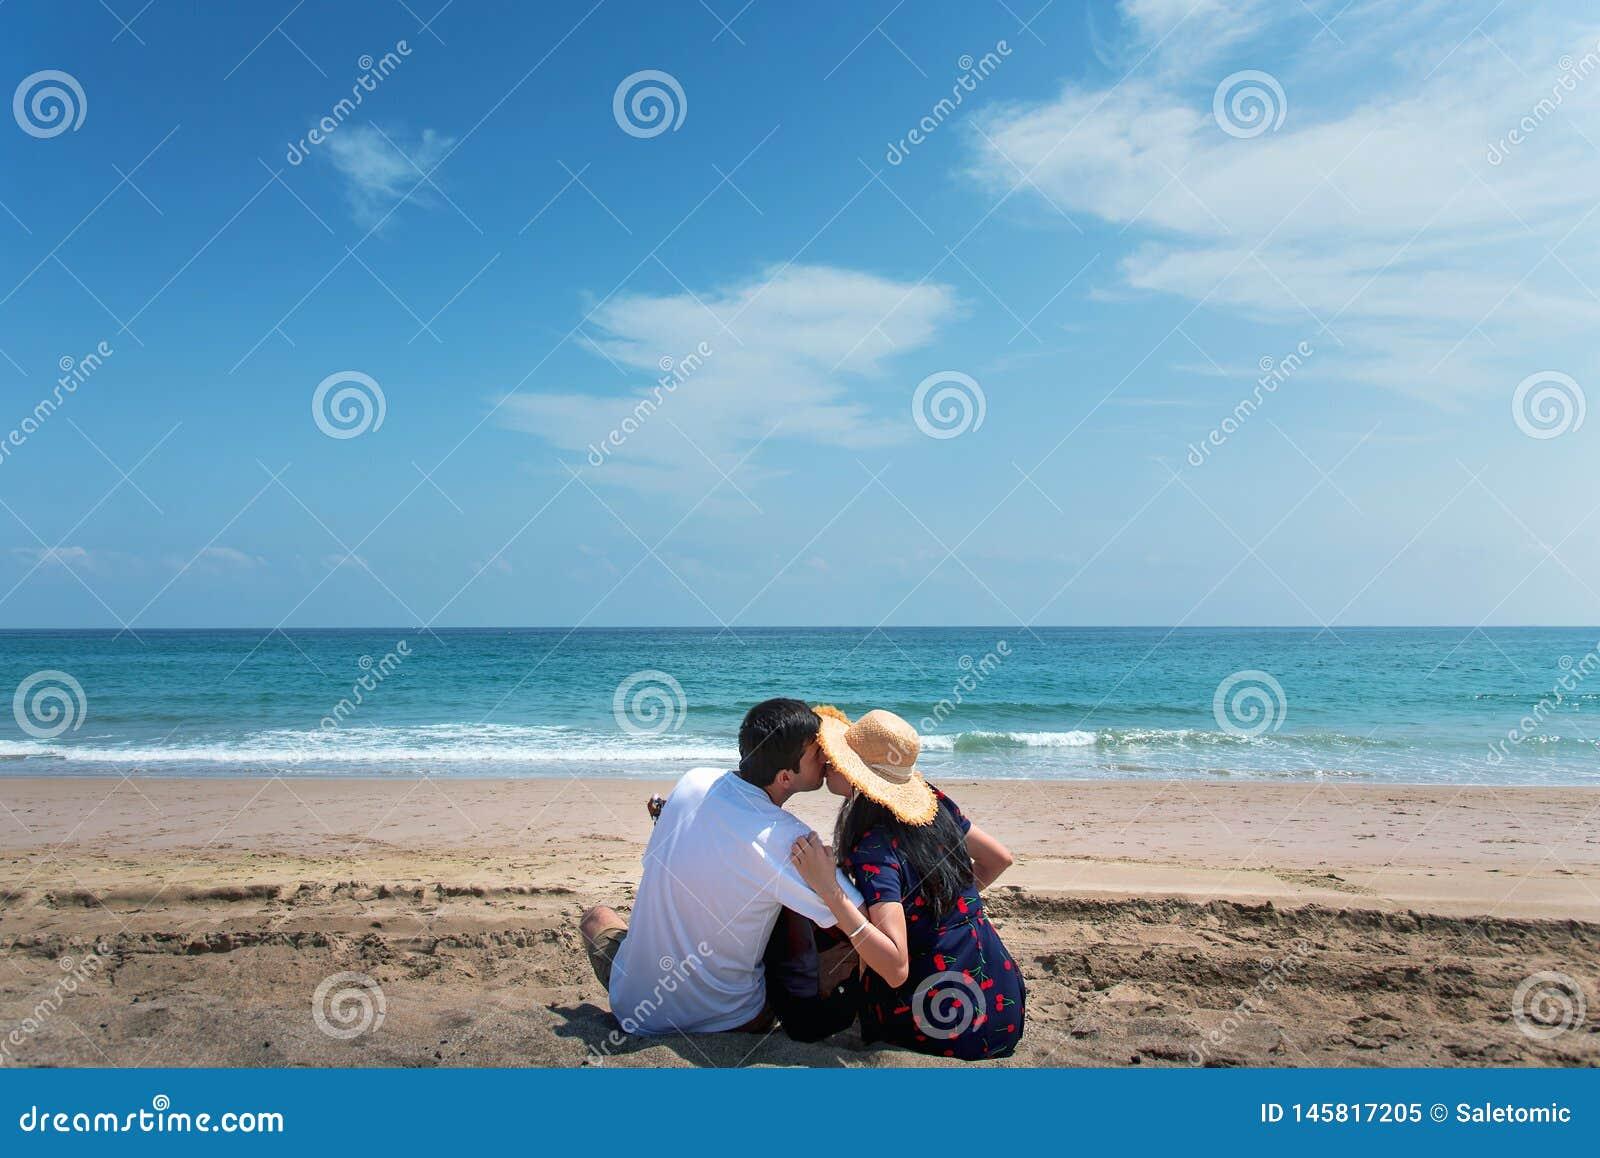 Verbinden Sie das Verbringen von Zeit auf dem Strand mit einer Gitarre